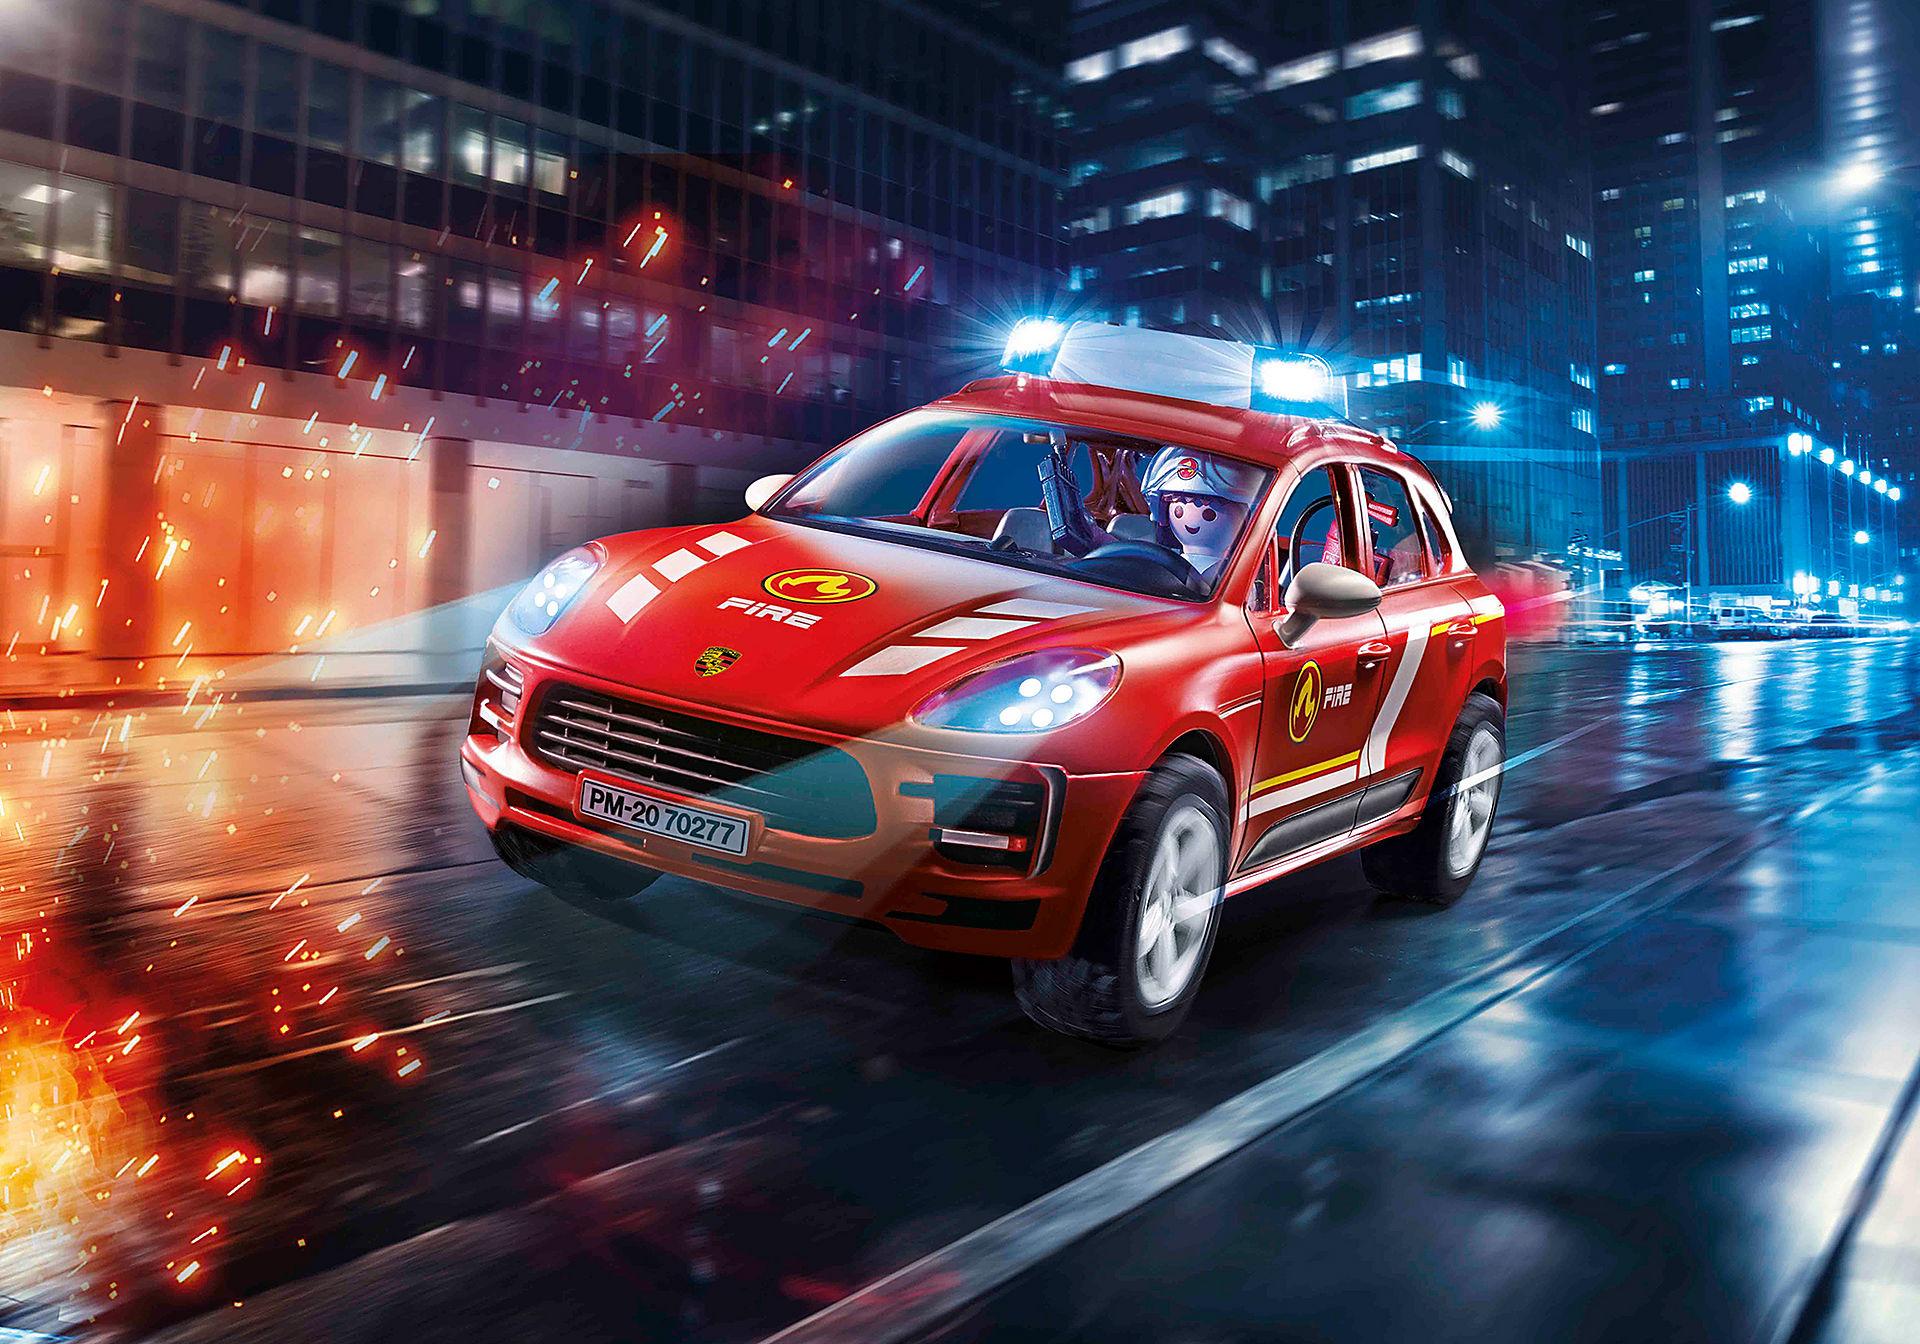 70277 Porsche Macan S et pompier zoom image1